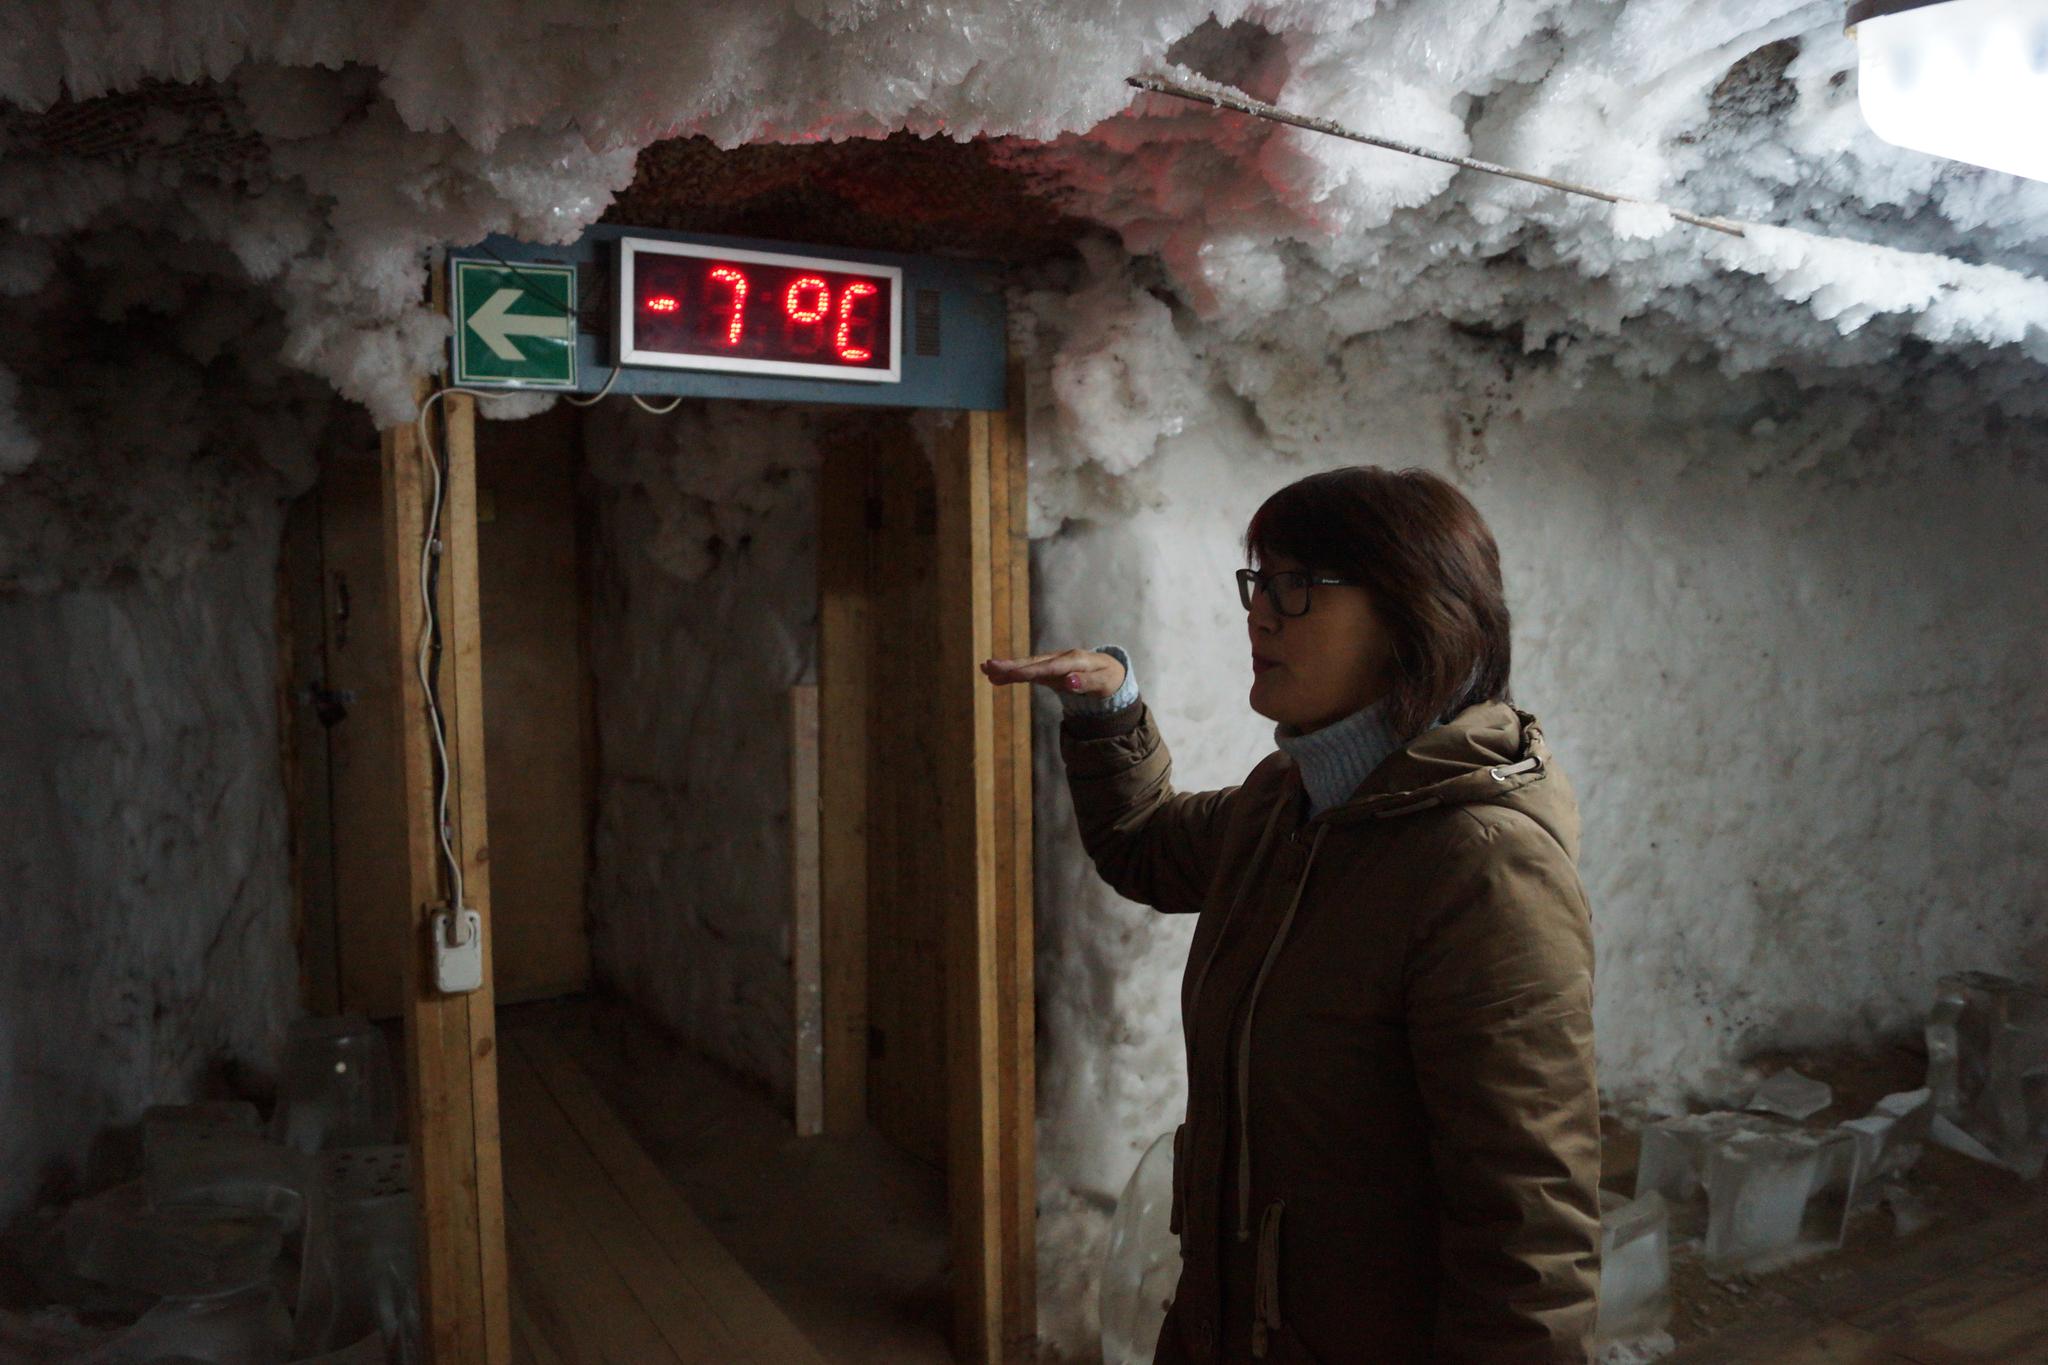 러시아 사하공화국 야쿠츠크에 위치한 영구동토박물관. 온난화로 영구동토가 녹아내리면 땅속에 갇혀있던 메탄이 방출돼 지구온난화를 부추길 것으로 전문가들은 우려하고 있다. [중앙포토]